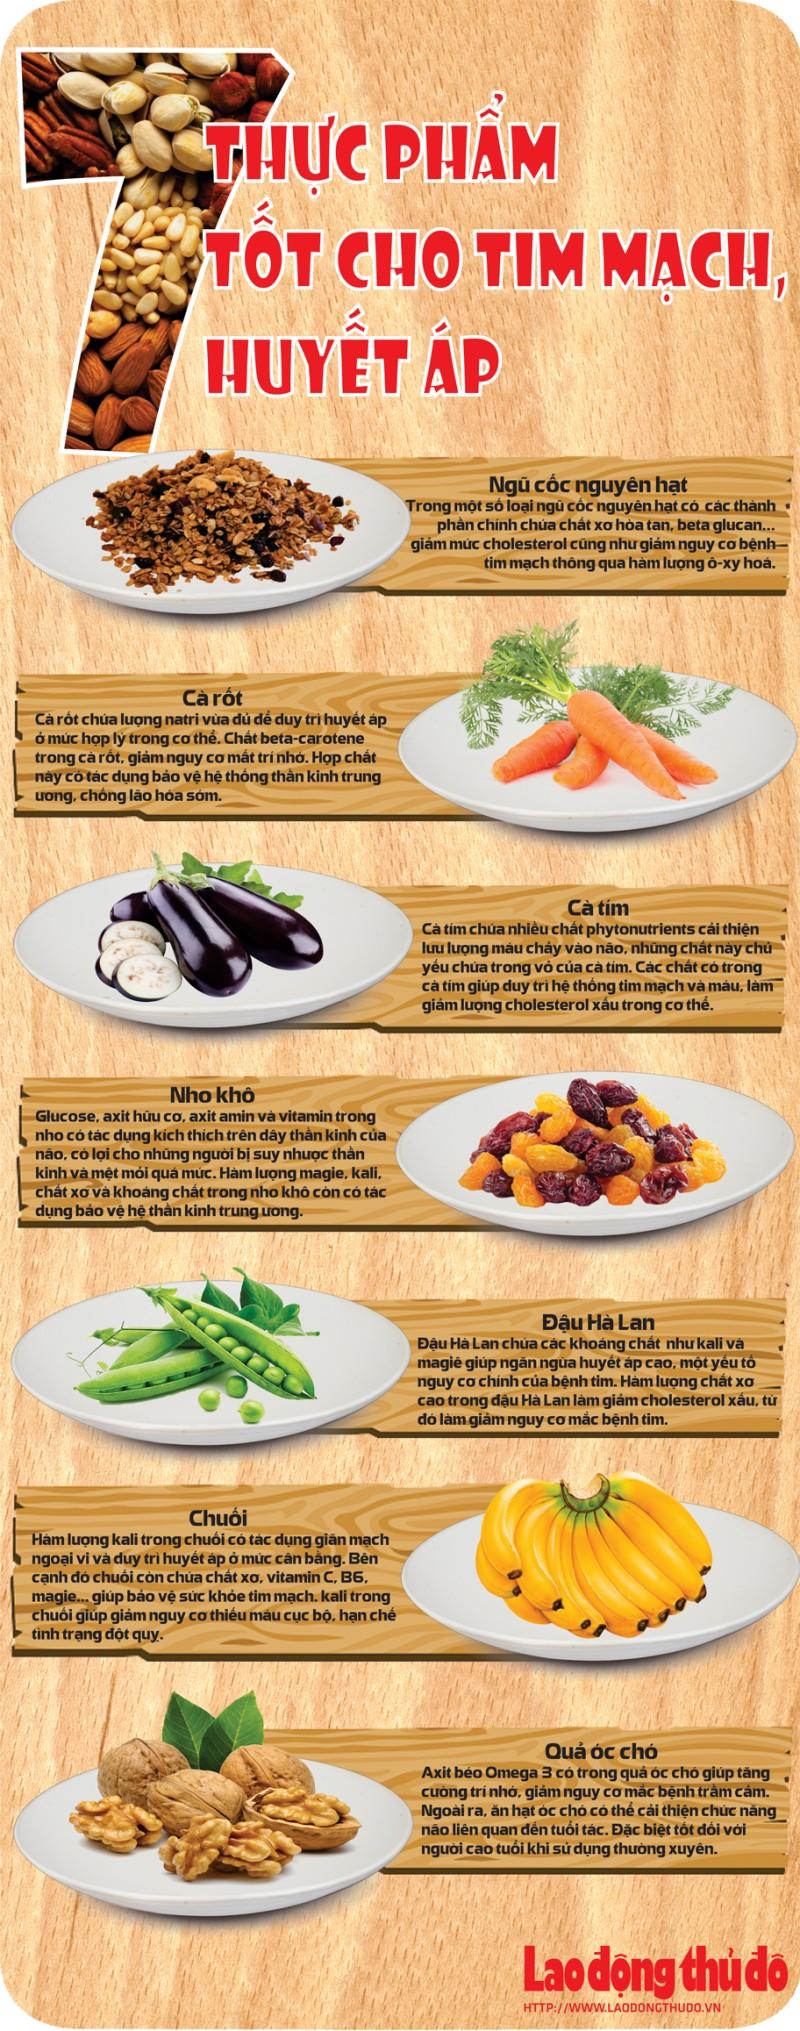 Thực phẩm tốt cho người mắc bệnh tim mạch, huyết áp